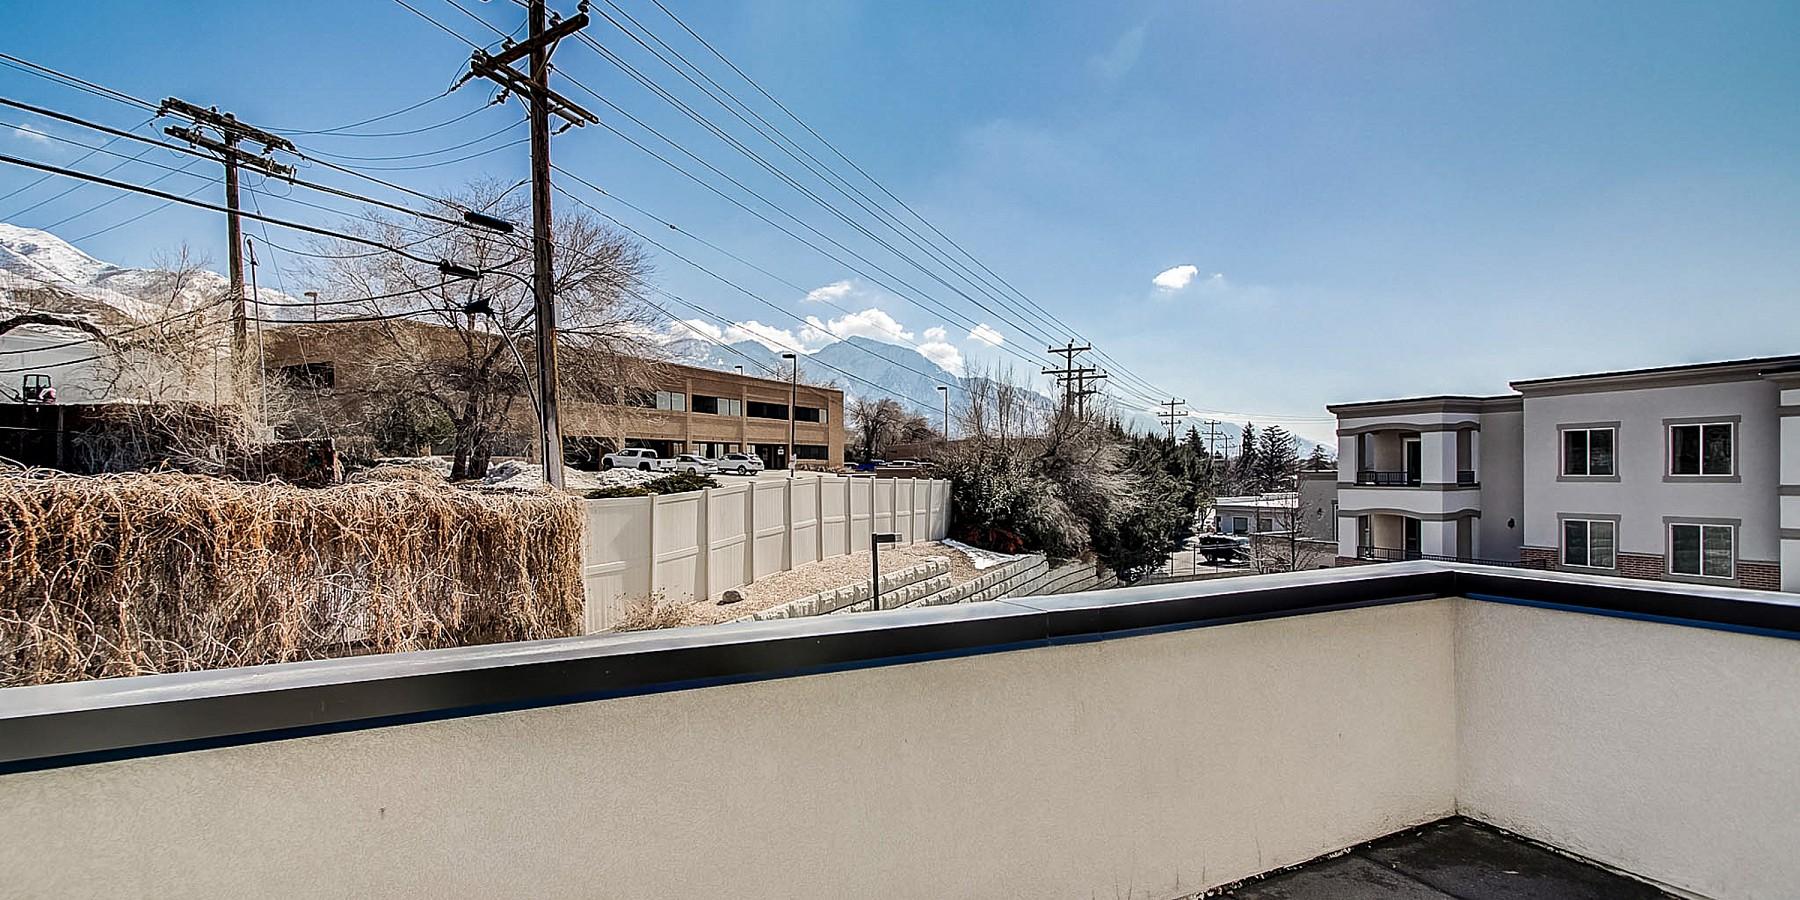 2665 E. Parley's Way #306, Salt Lake City, UT 84109